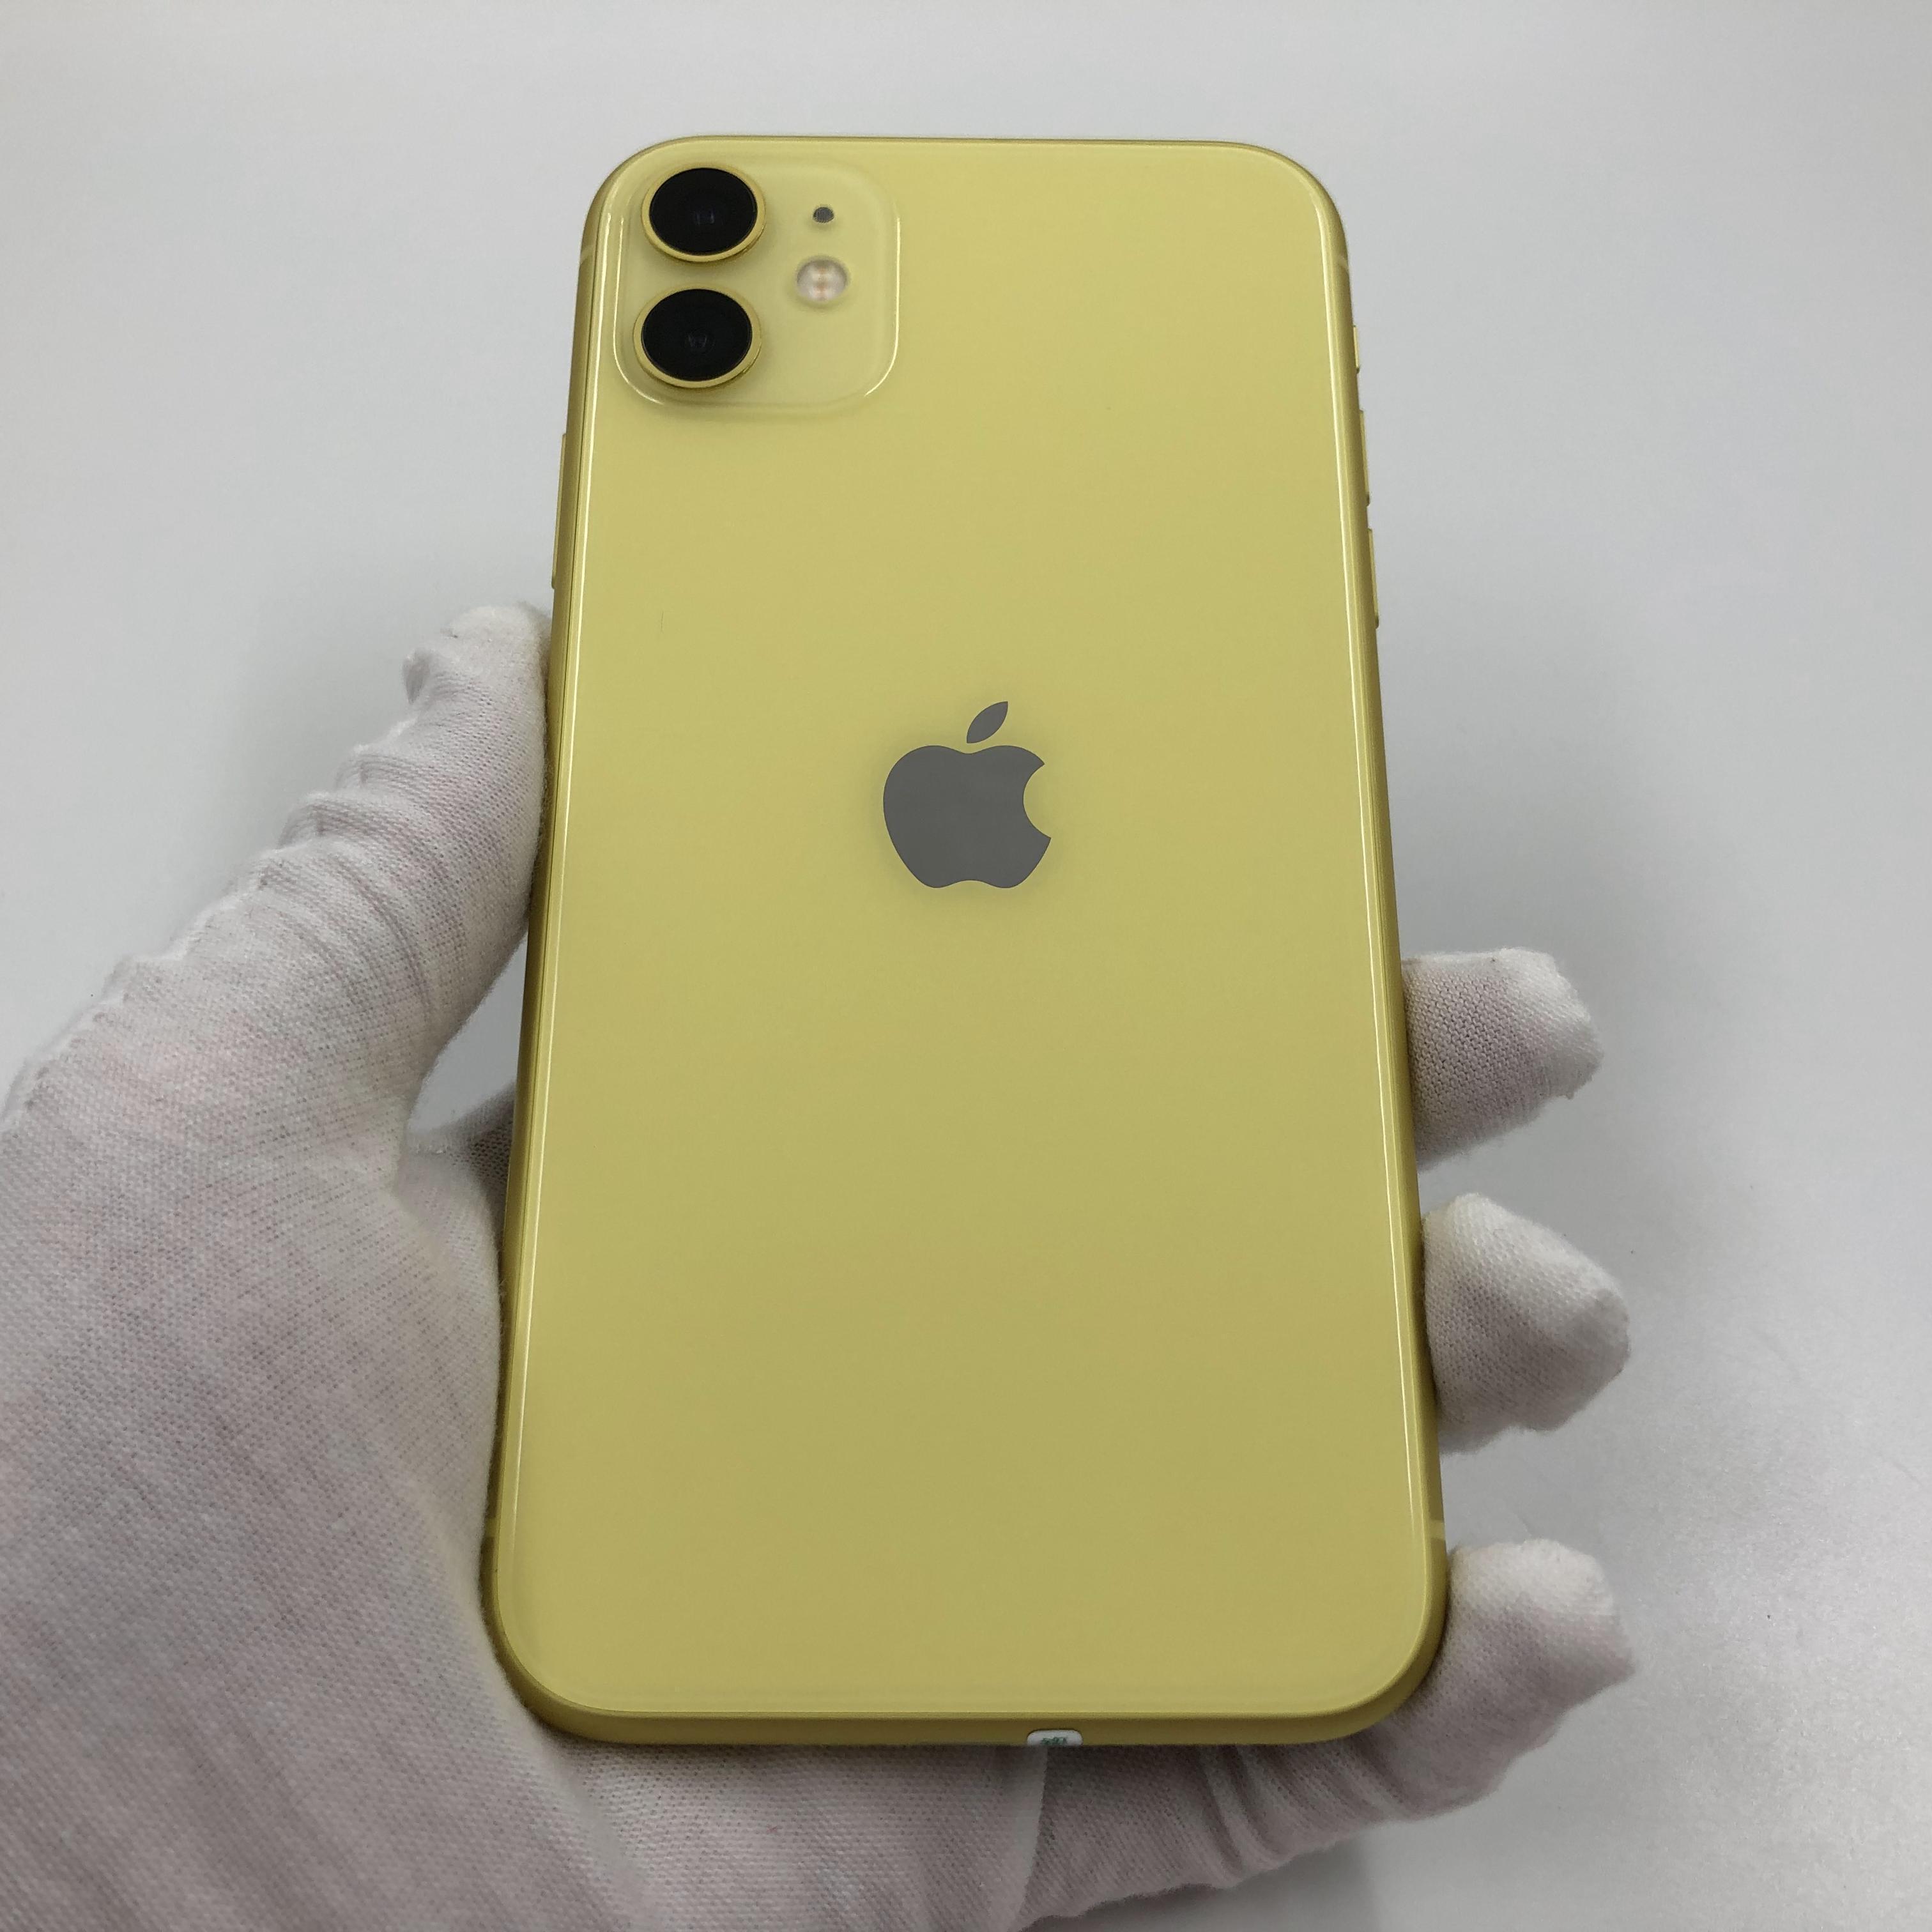 苹果【iPhone 11】4G全网通 黄色 64G 国行 9成新 真机实拍